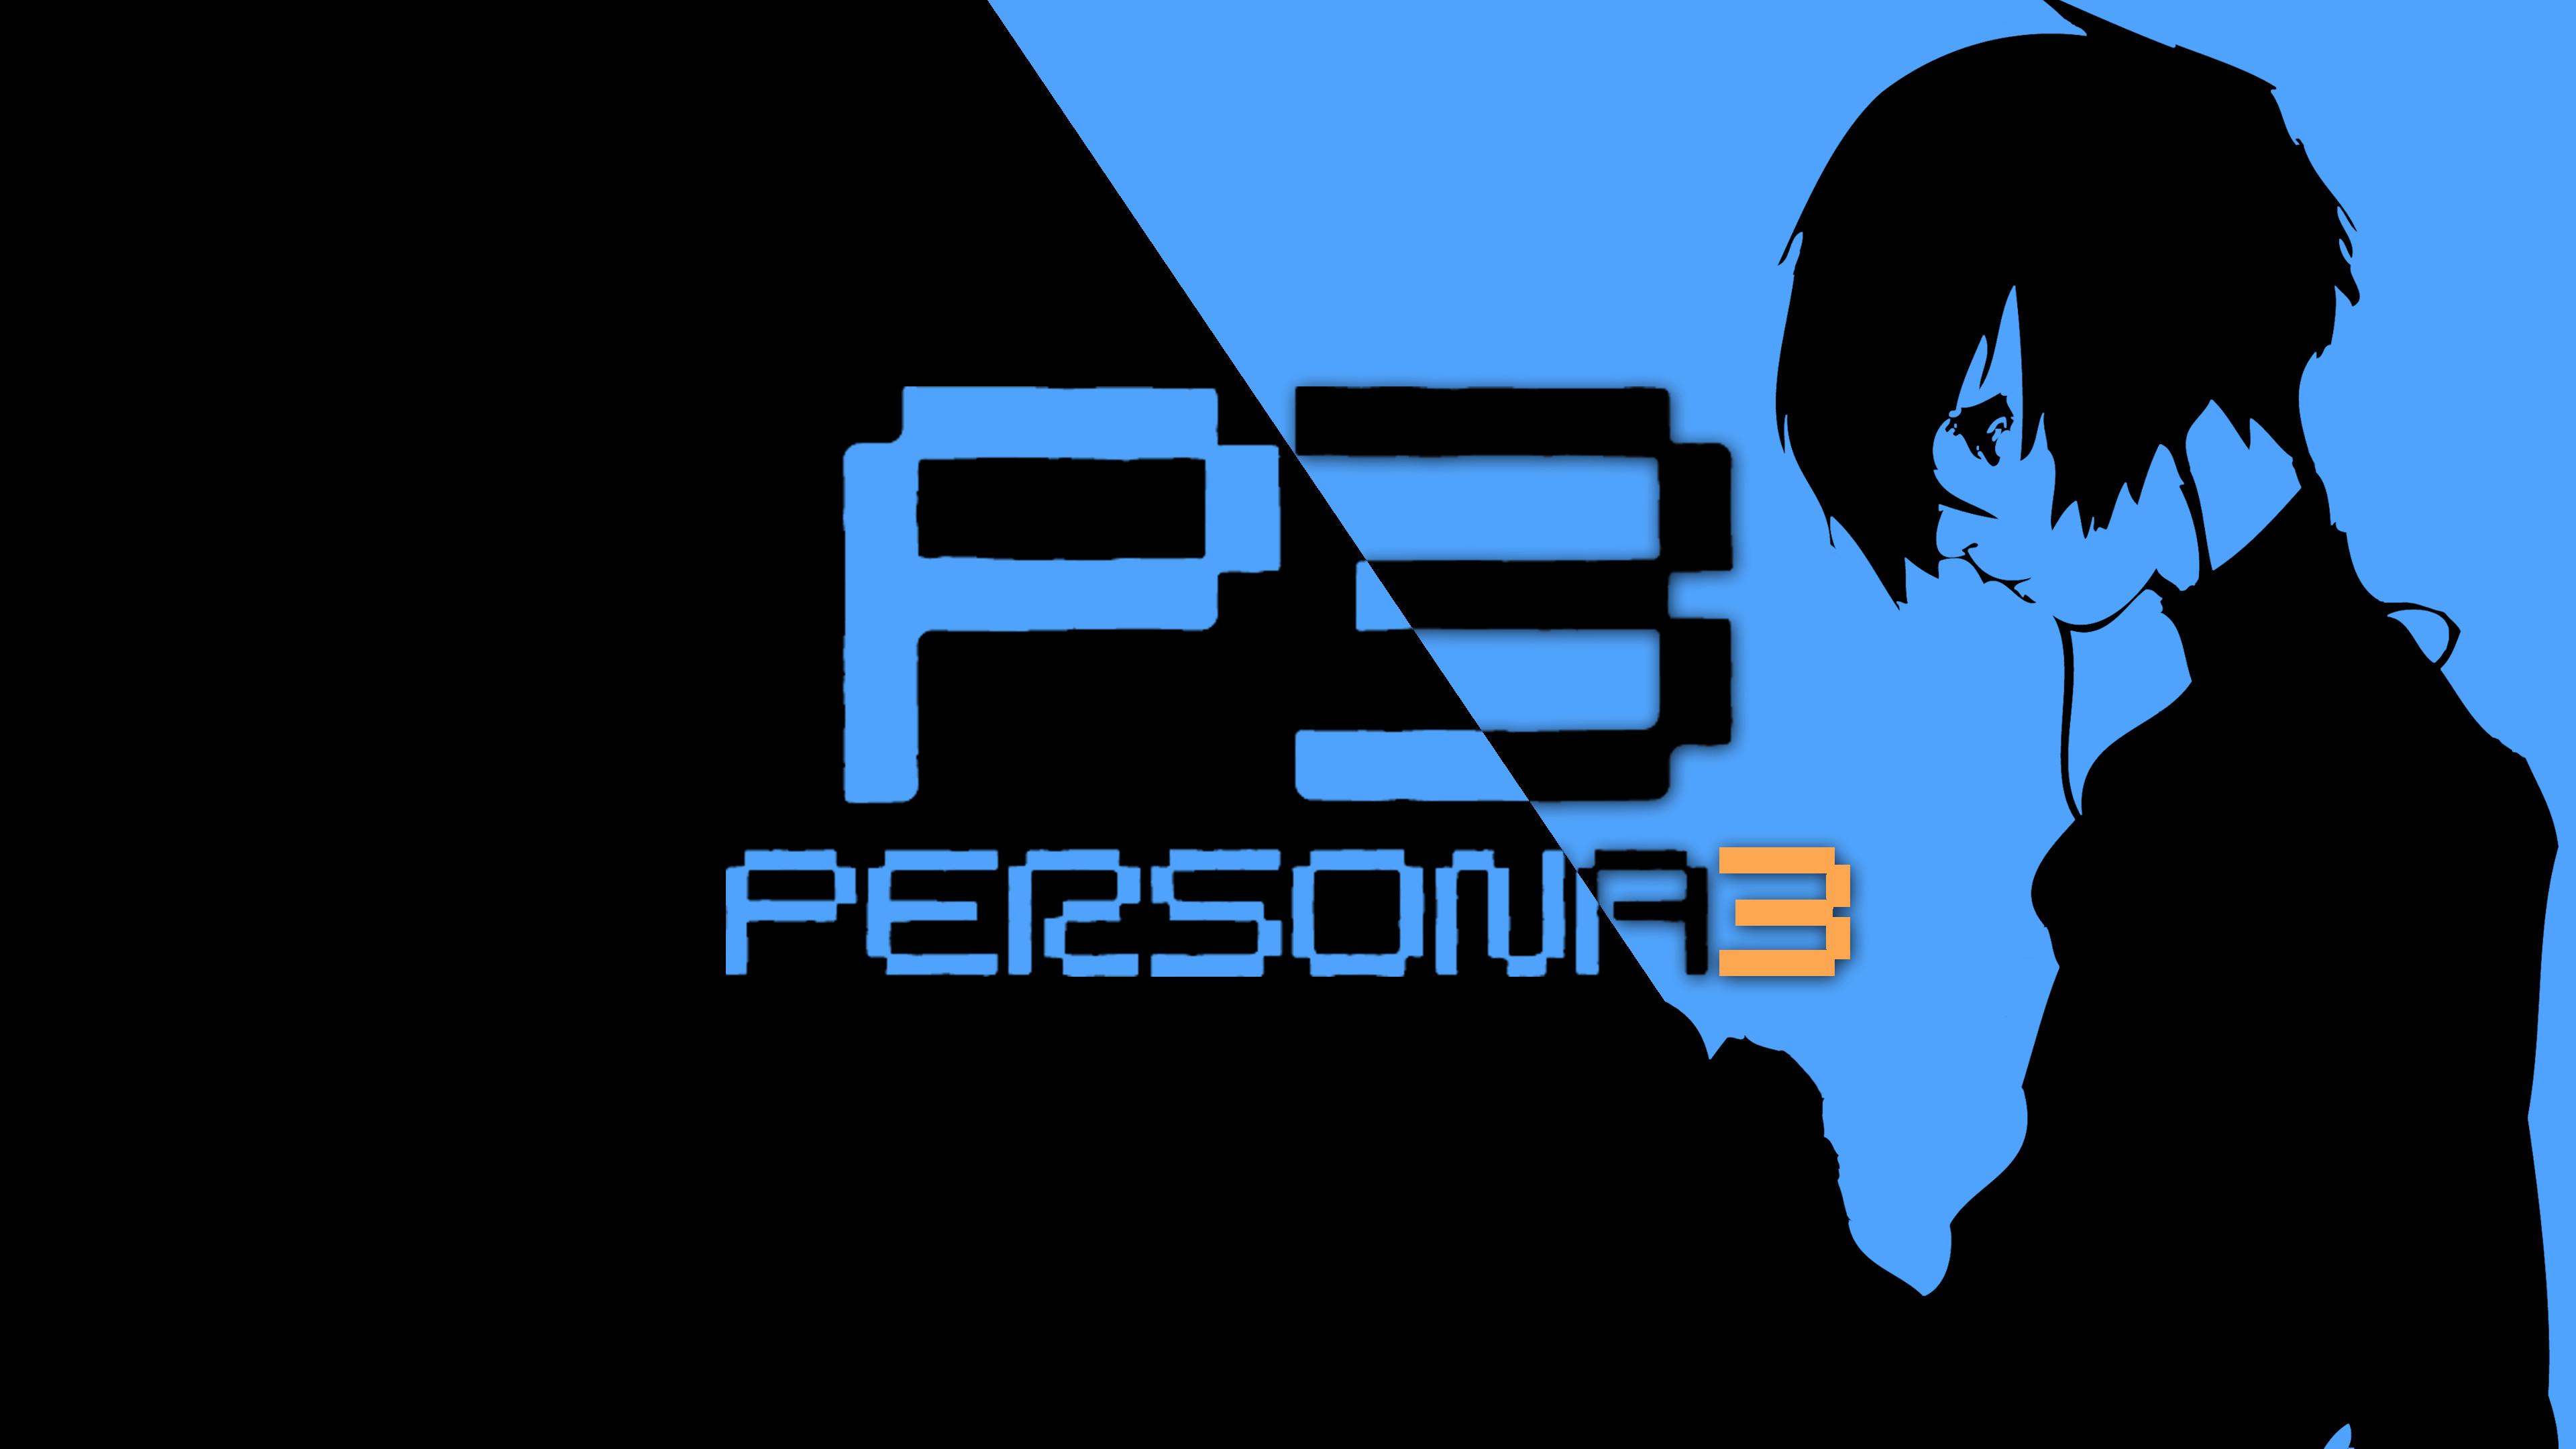 Persona 3 Fes Wallpaper ·① WallpaperTag